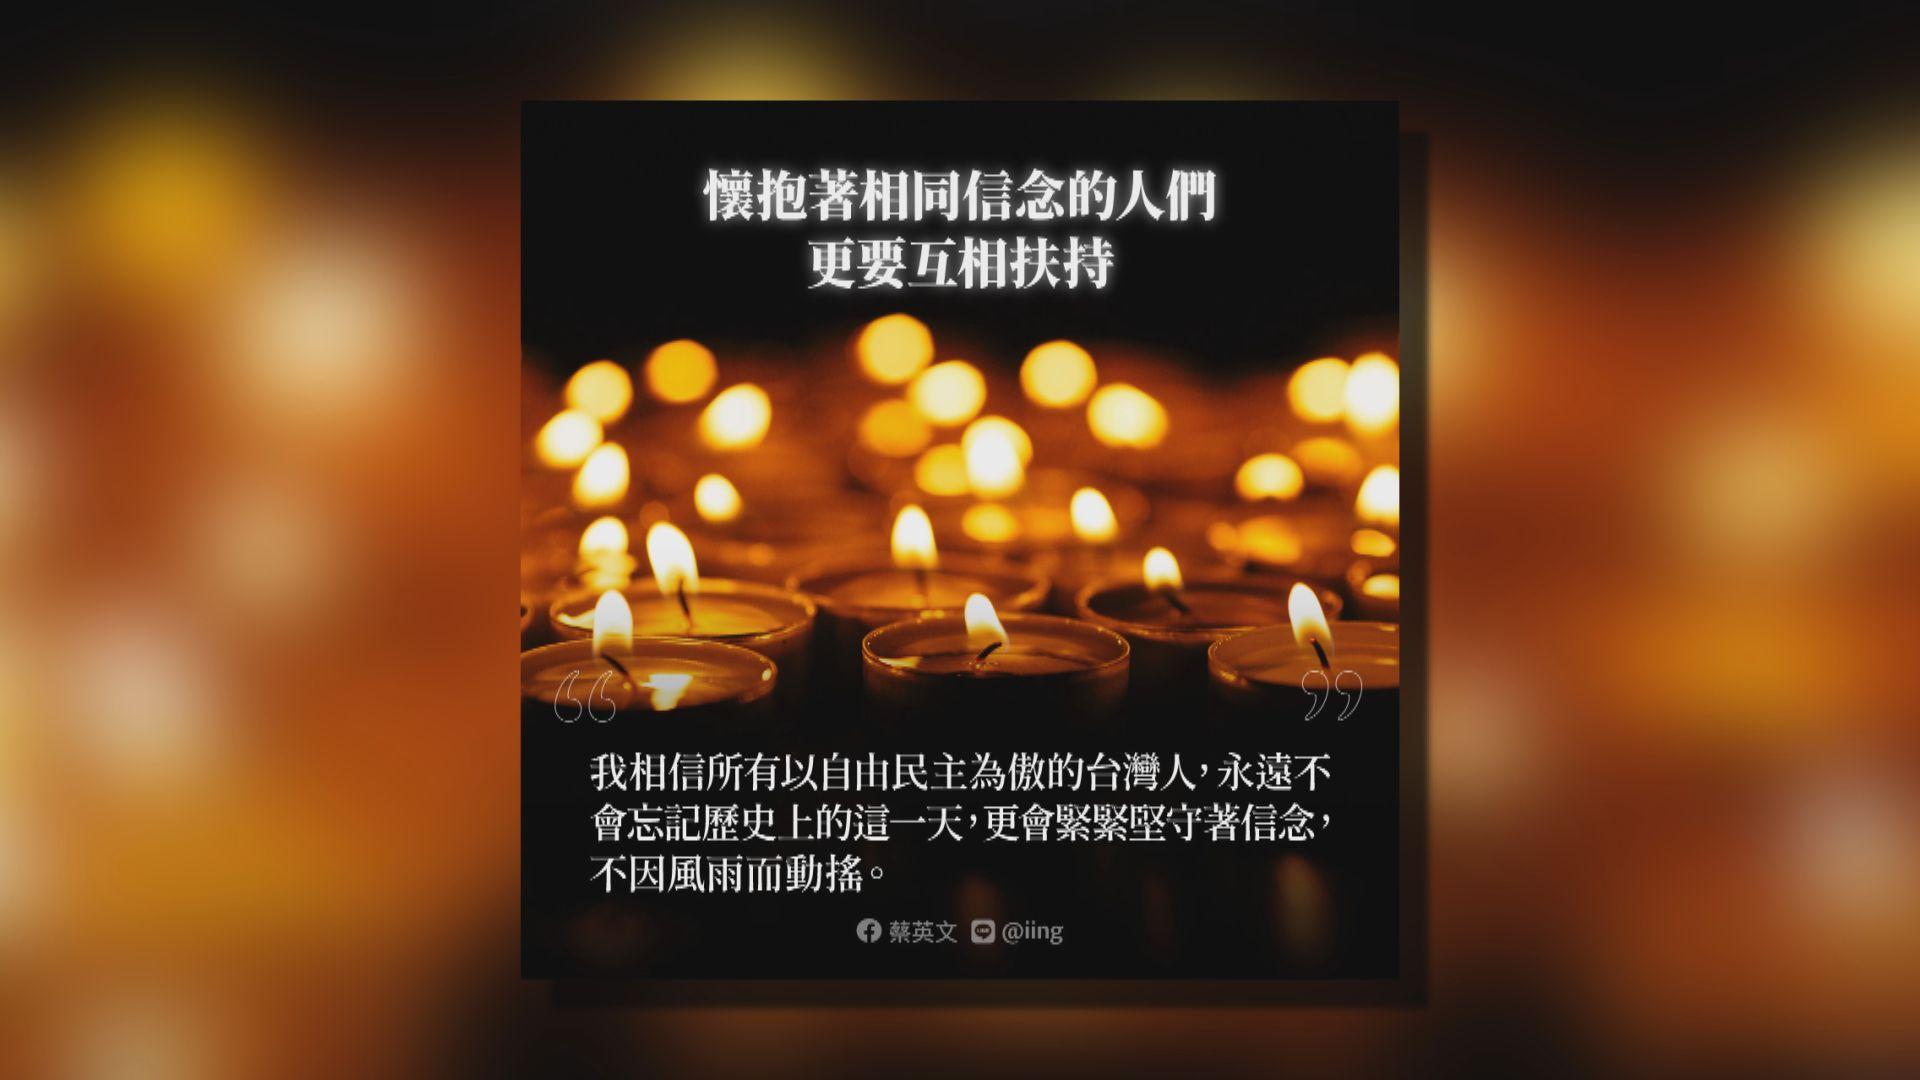 蔡英文:台灣永不忘記六四 不因風雨動搖